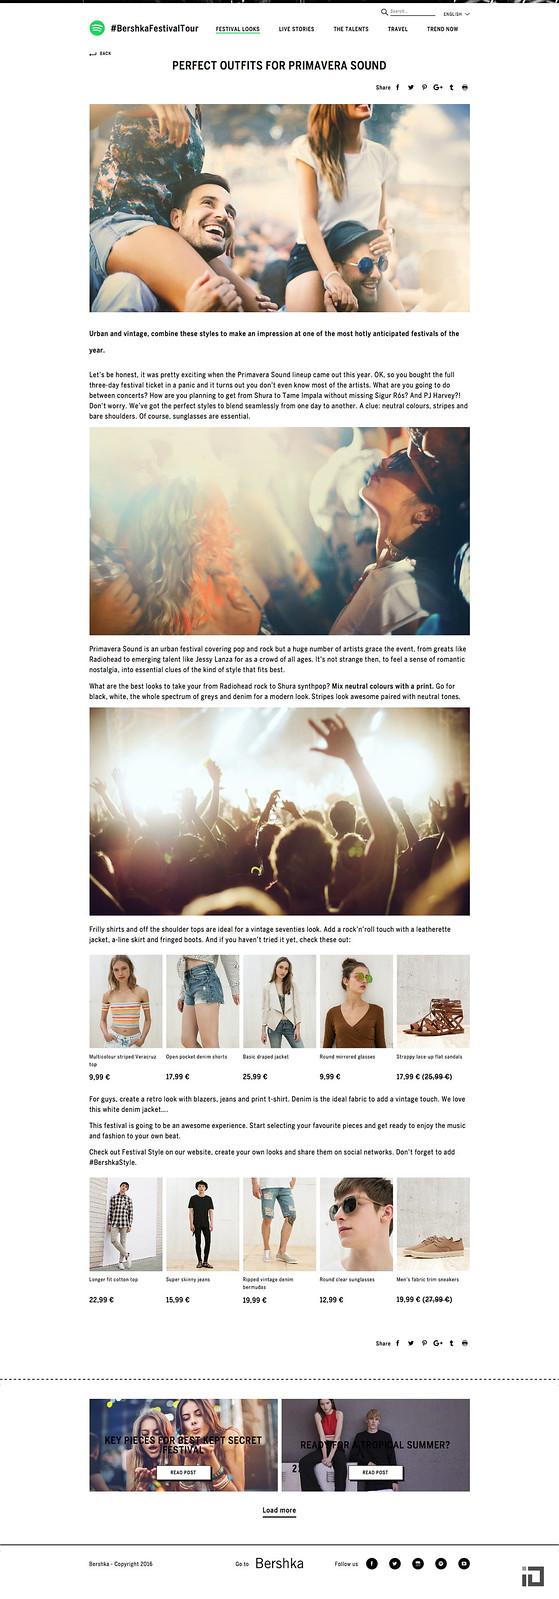 e336b3ecb Bershka Festival Tour & Spotify - Binalogue - Web development